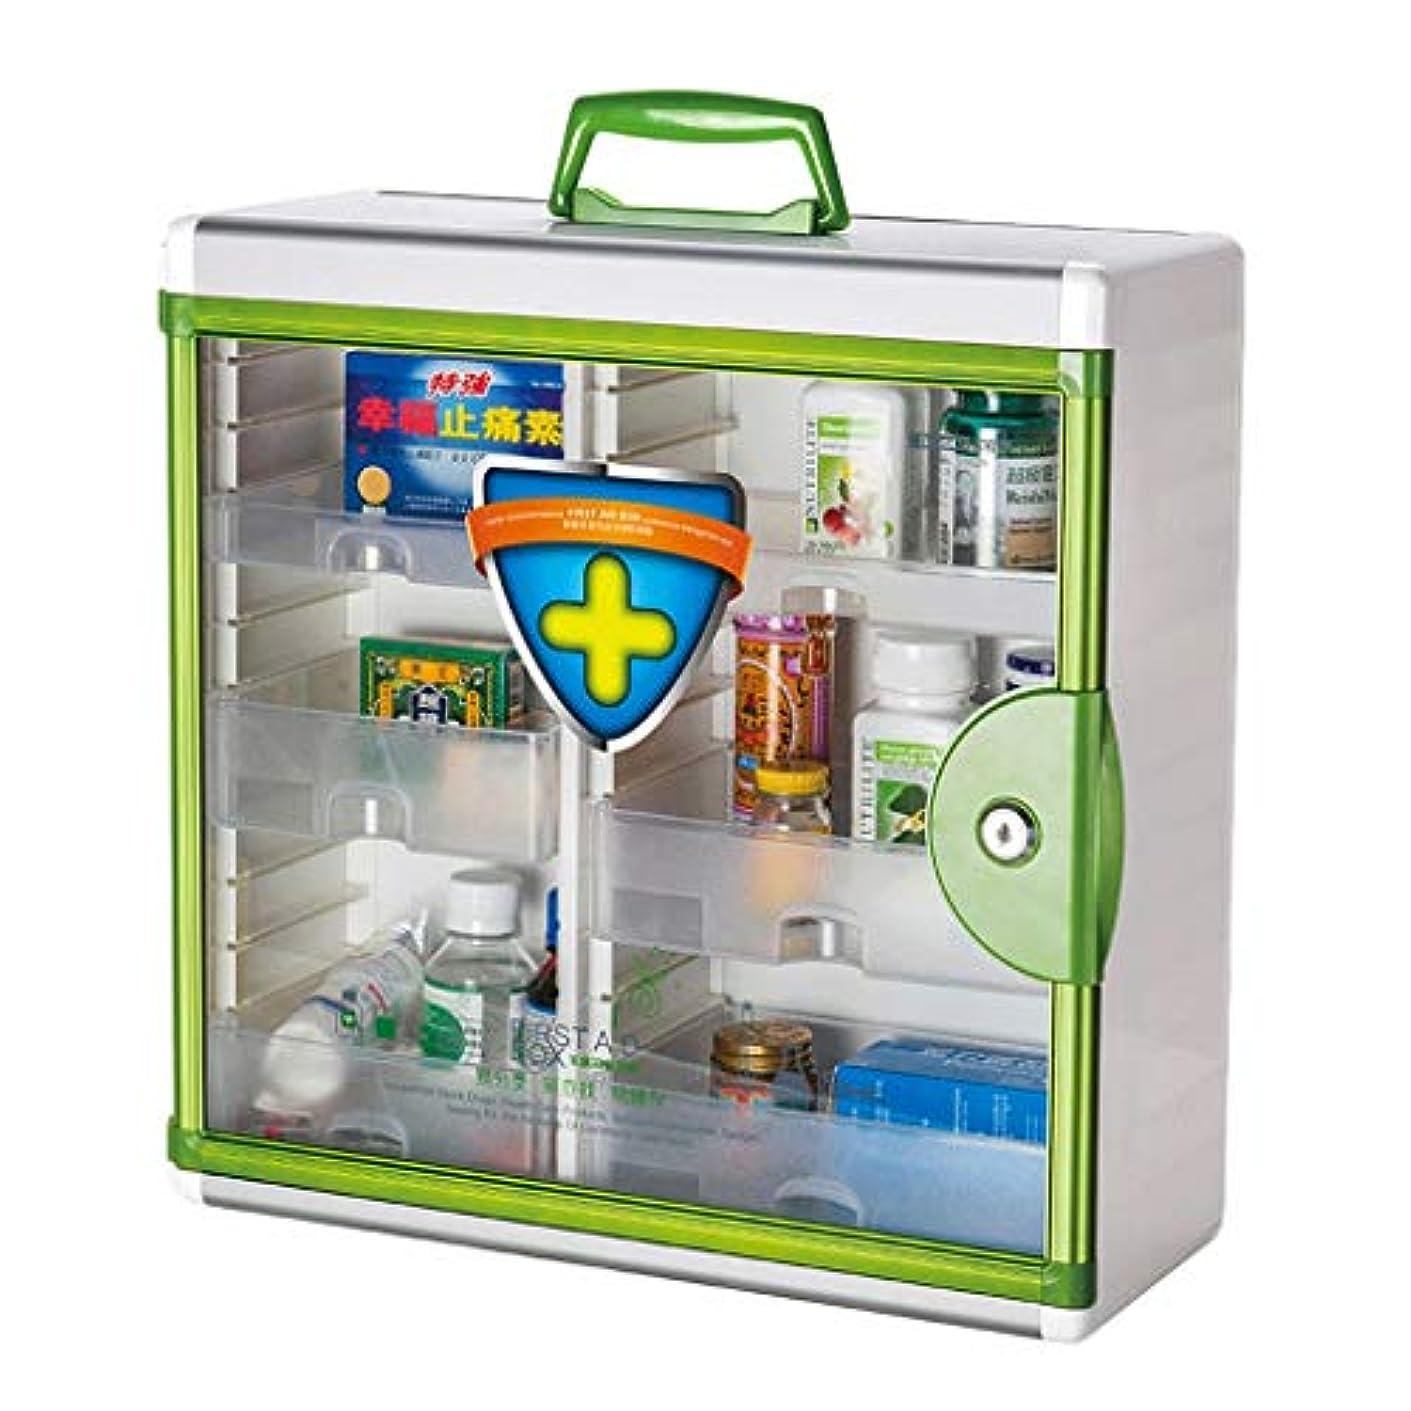 スカリー嘆く呪われた薬箱アルミ合金家庭用薬箱薬外来救急医療箱収納ボックス (色 : 緑)